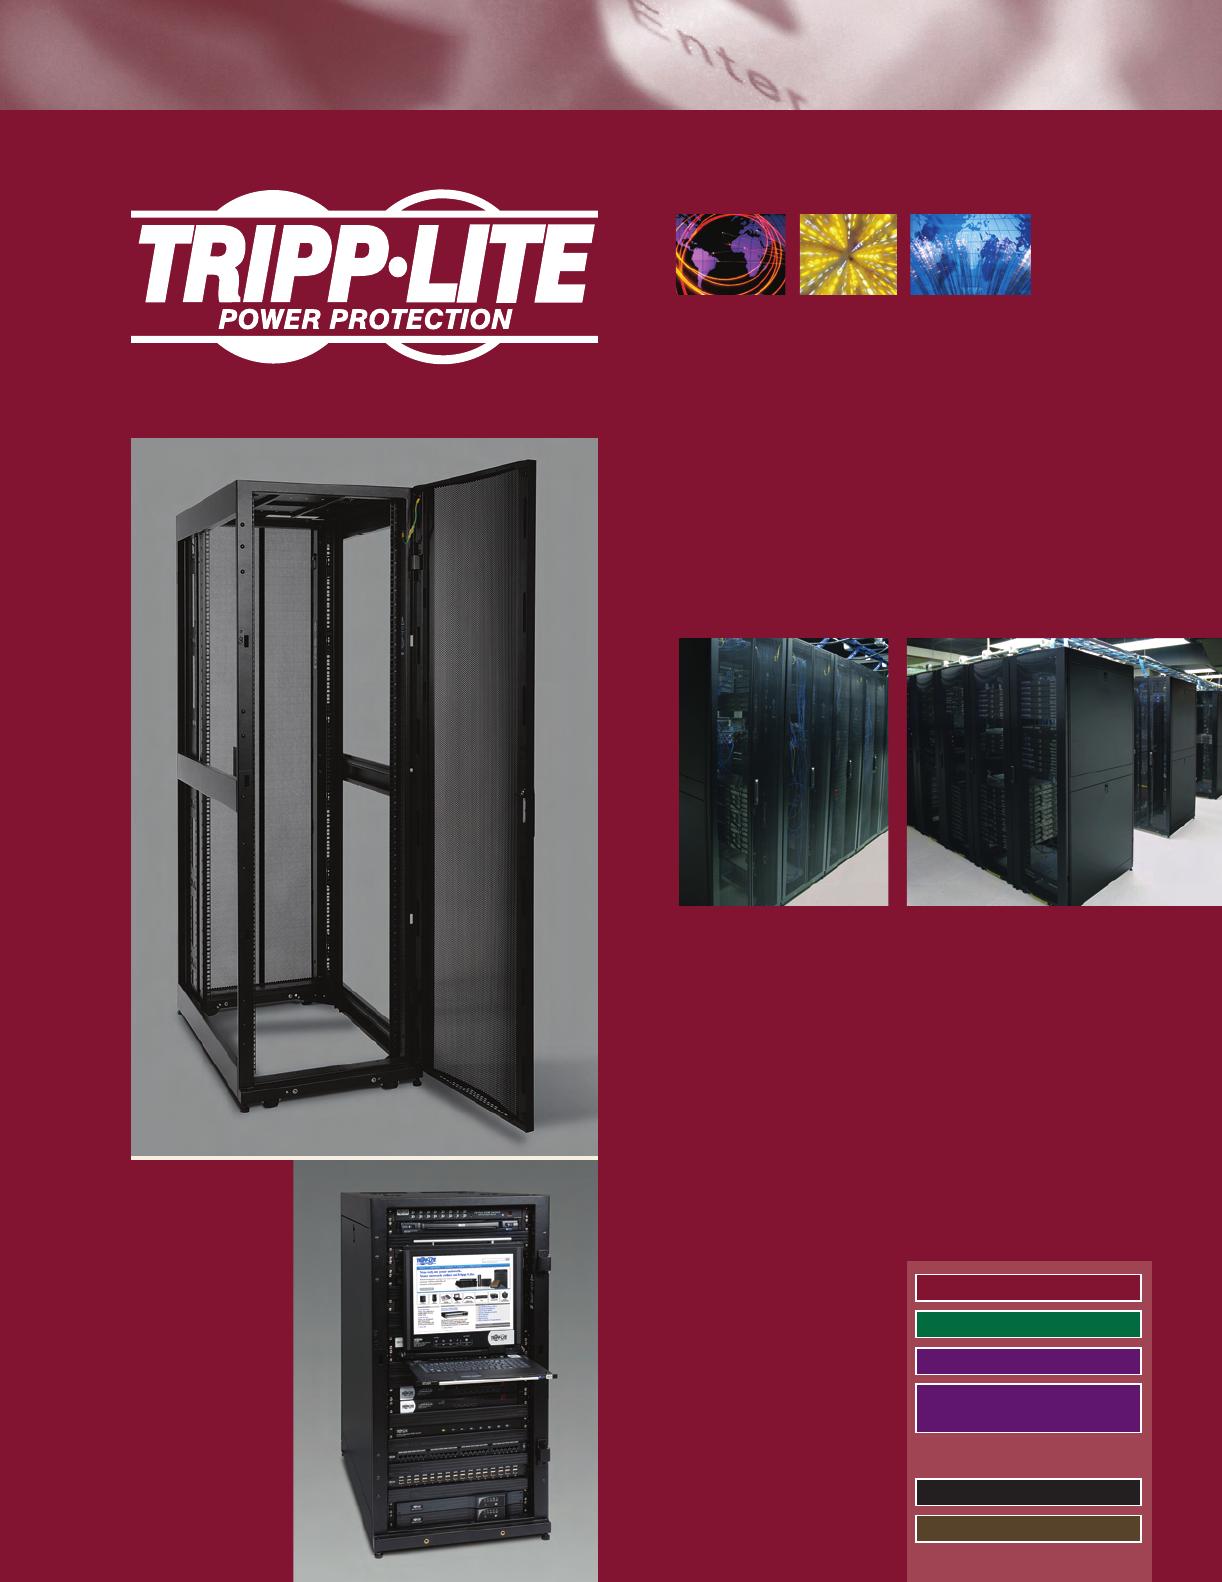 Tripp Lite SRCOMBO Rack Enclosure Cabinet 2-pack Door Handles with Combination Lock